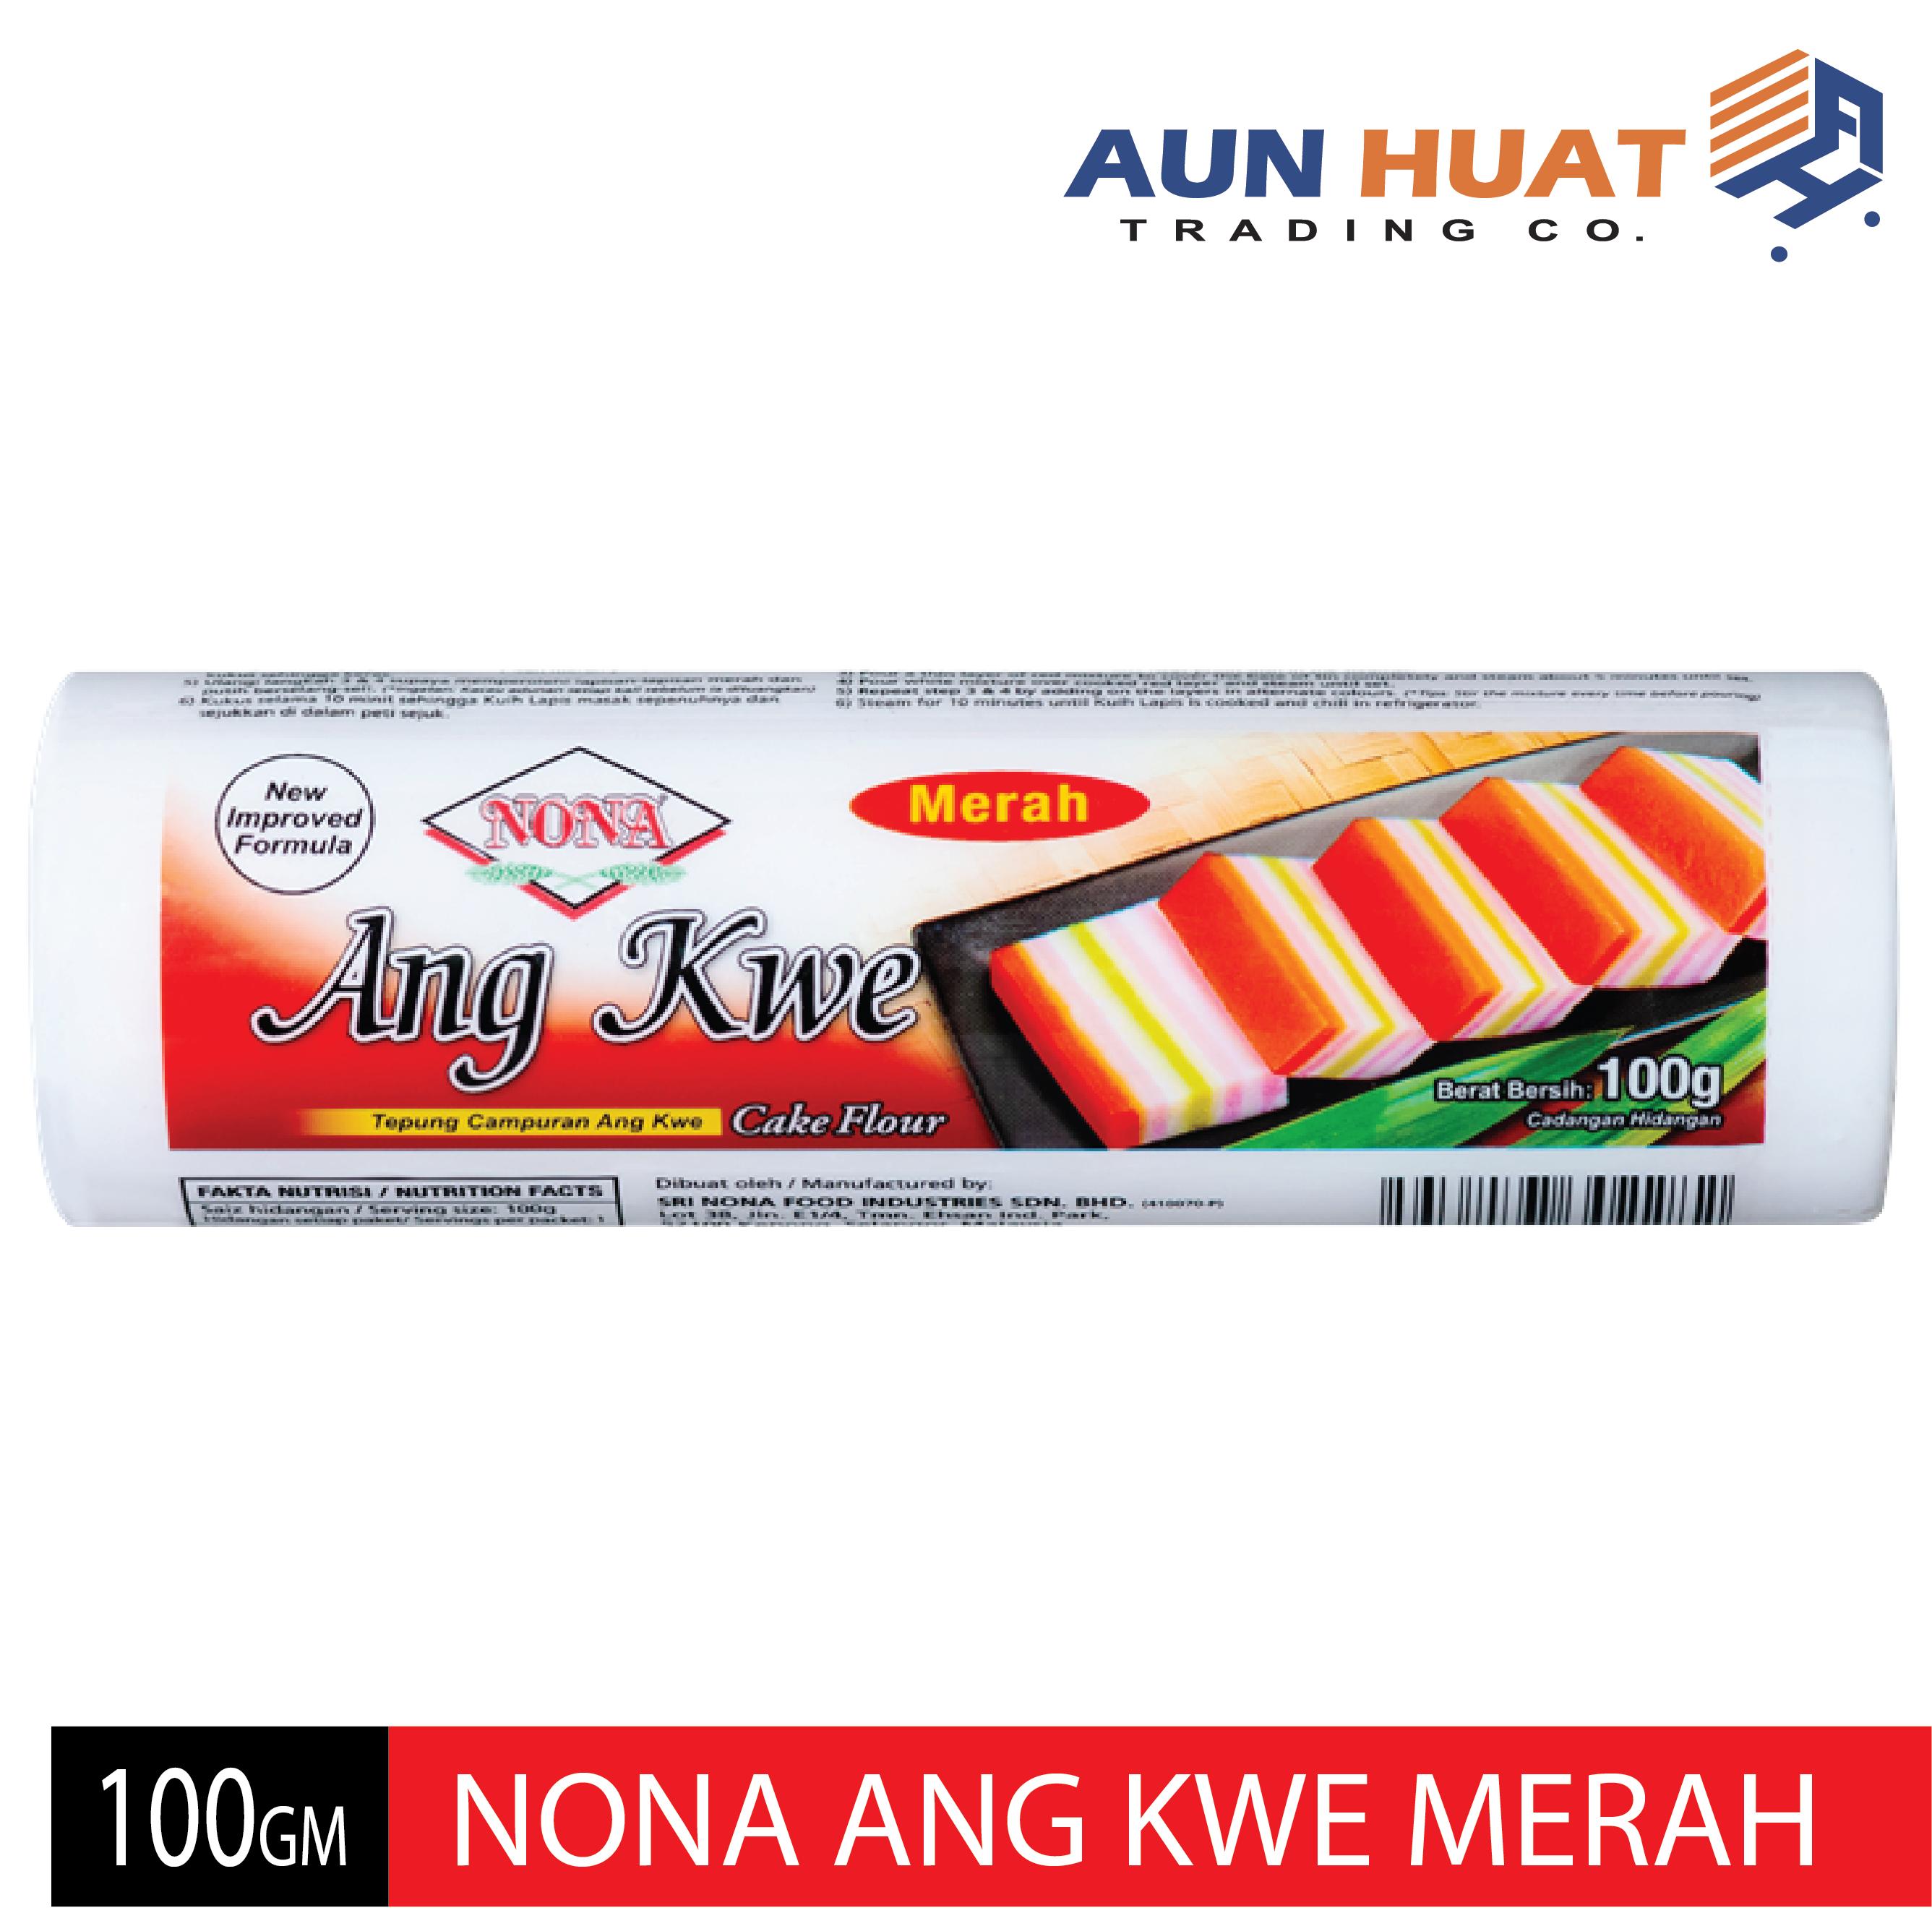 NONA ANG KWE /HOEN KWE 100GM MERAH